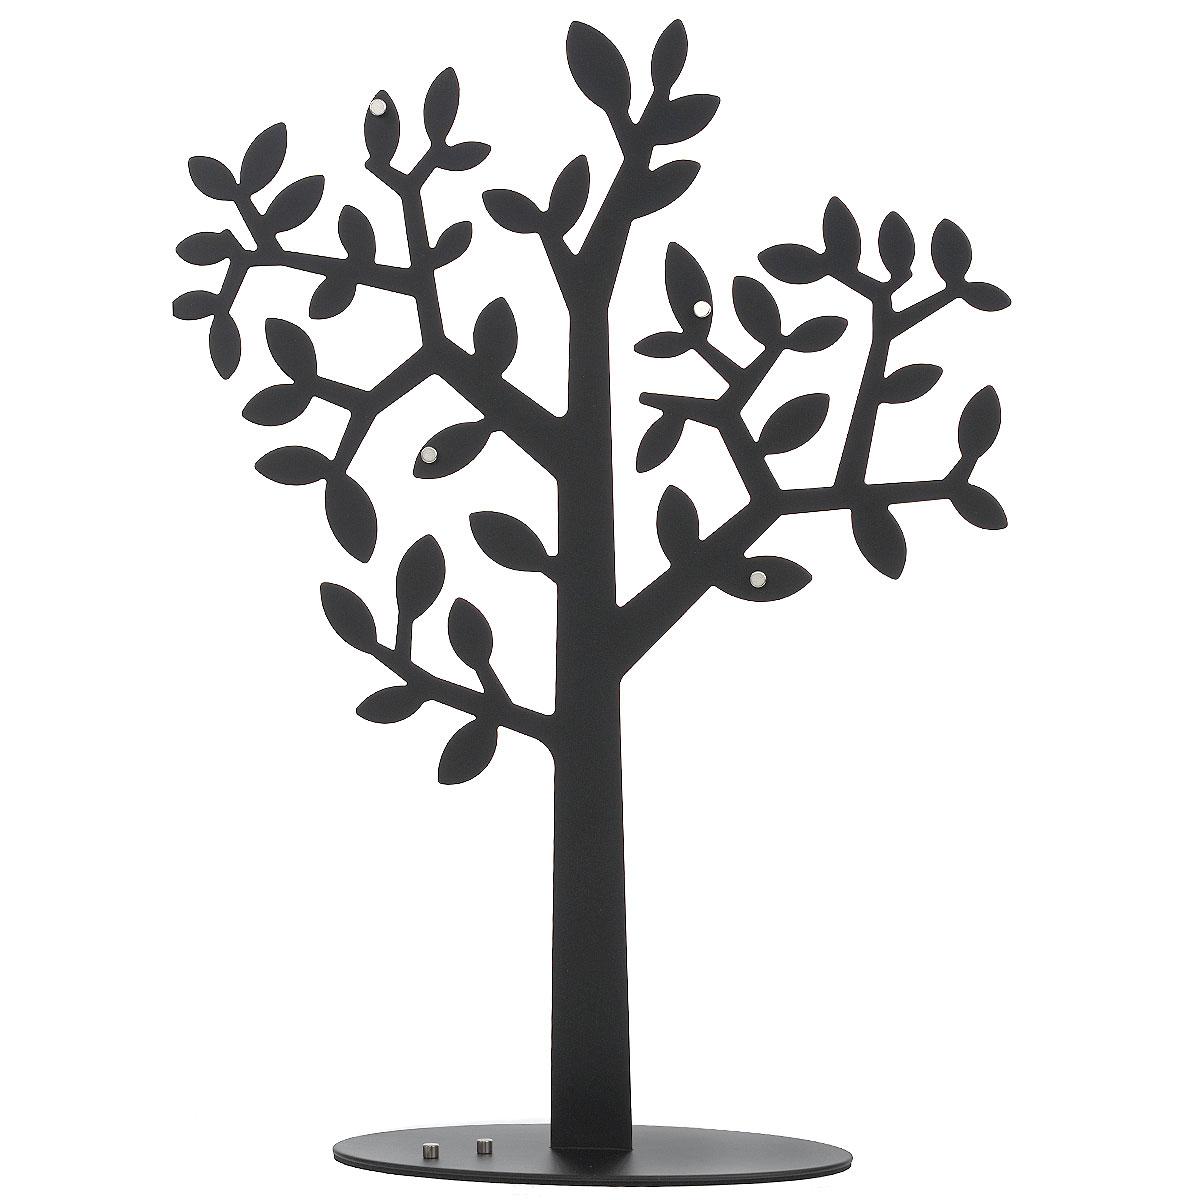 Держатель для фото Umbra Laurel, цвет: черный. 306600-04054 009303Держатель для фото Umbra Laurel станет не только прекрасным декоративным украшением стола, но и послужит функционально: поместите в держатель вашу любимую фотографию, и она будет радовать вас каждый день, напоминая о приятных мгновениях. Держатель выполнен из металла в виде дерева. Такой сувенир, несомненно, доставит море положительных эмоций своему обладателю. Общий размер держателя: 41 см х 29 см x 4 см.